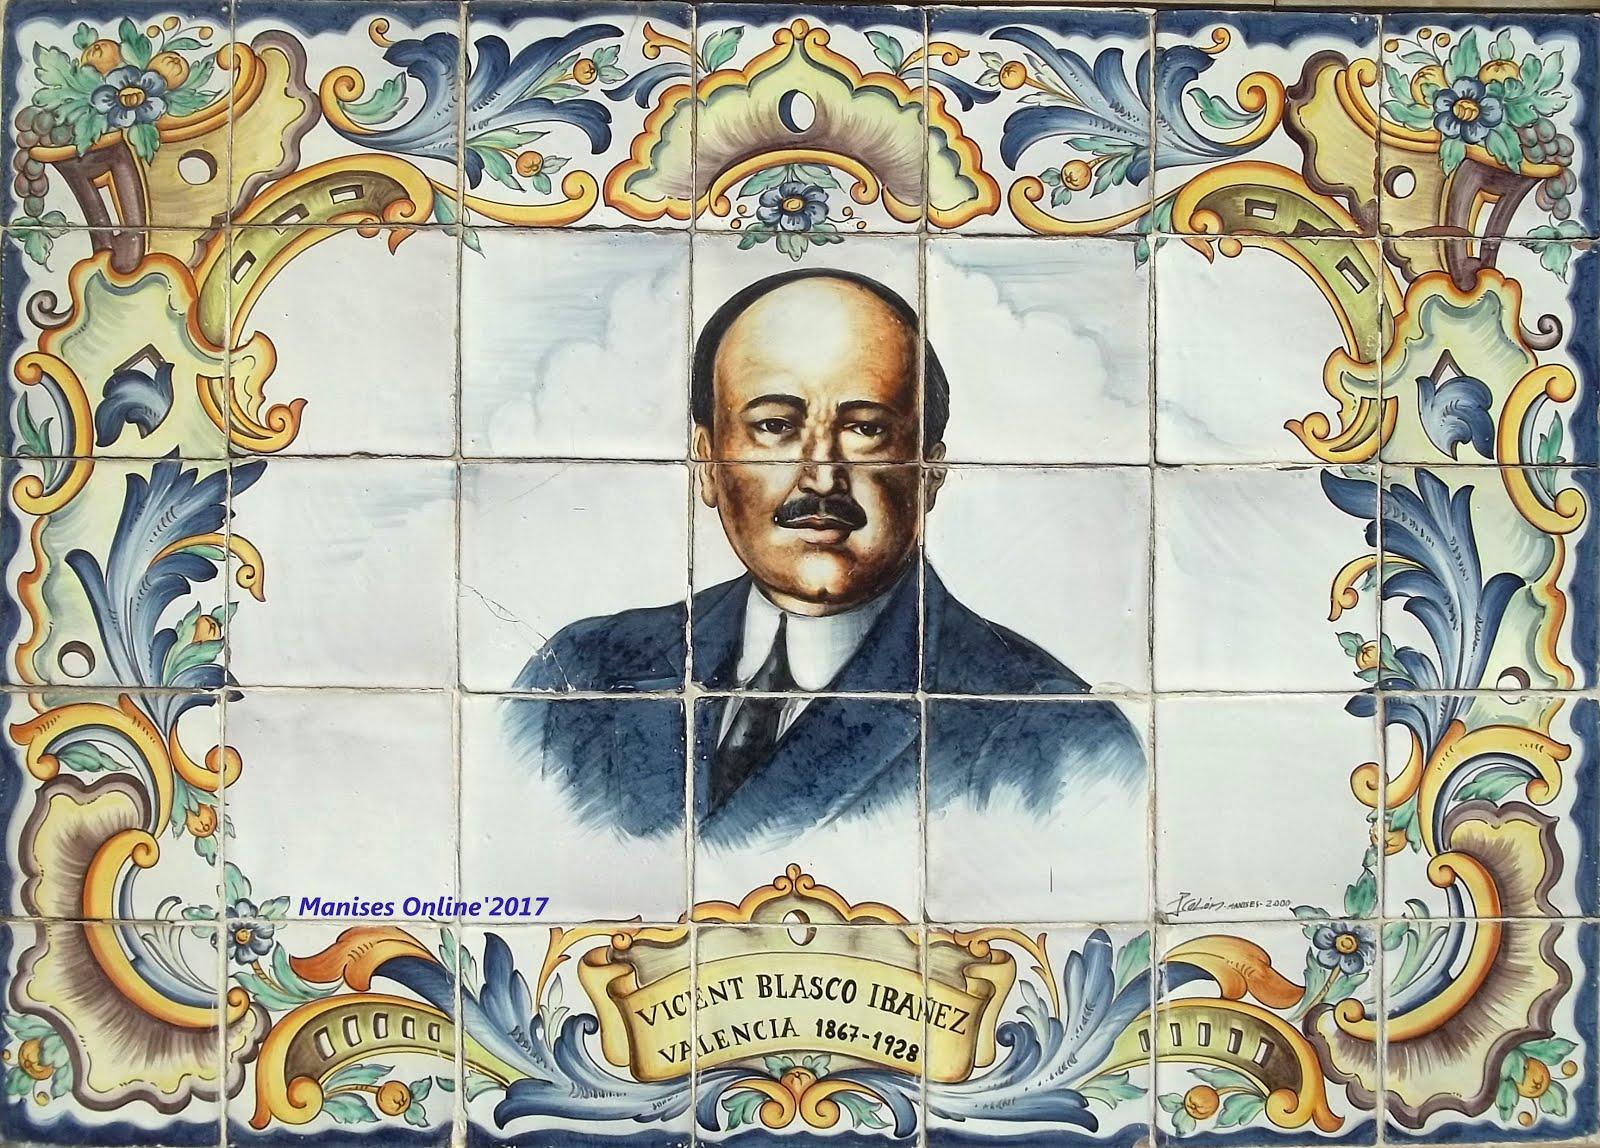 27.02.17 SE CUMPLEN 150 AÑOS DEL NACIMIENTO DE VICENTE BLASCO IBÁÑEZ